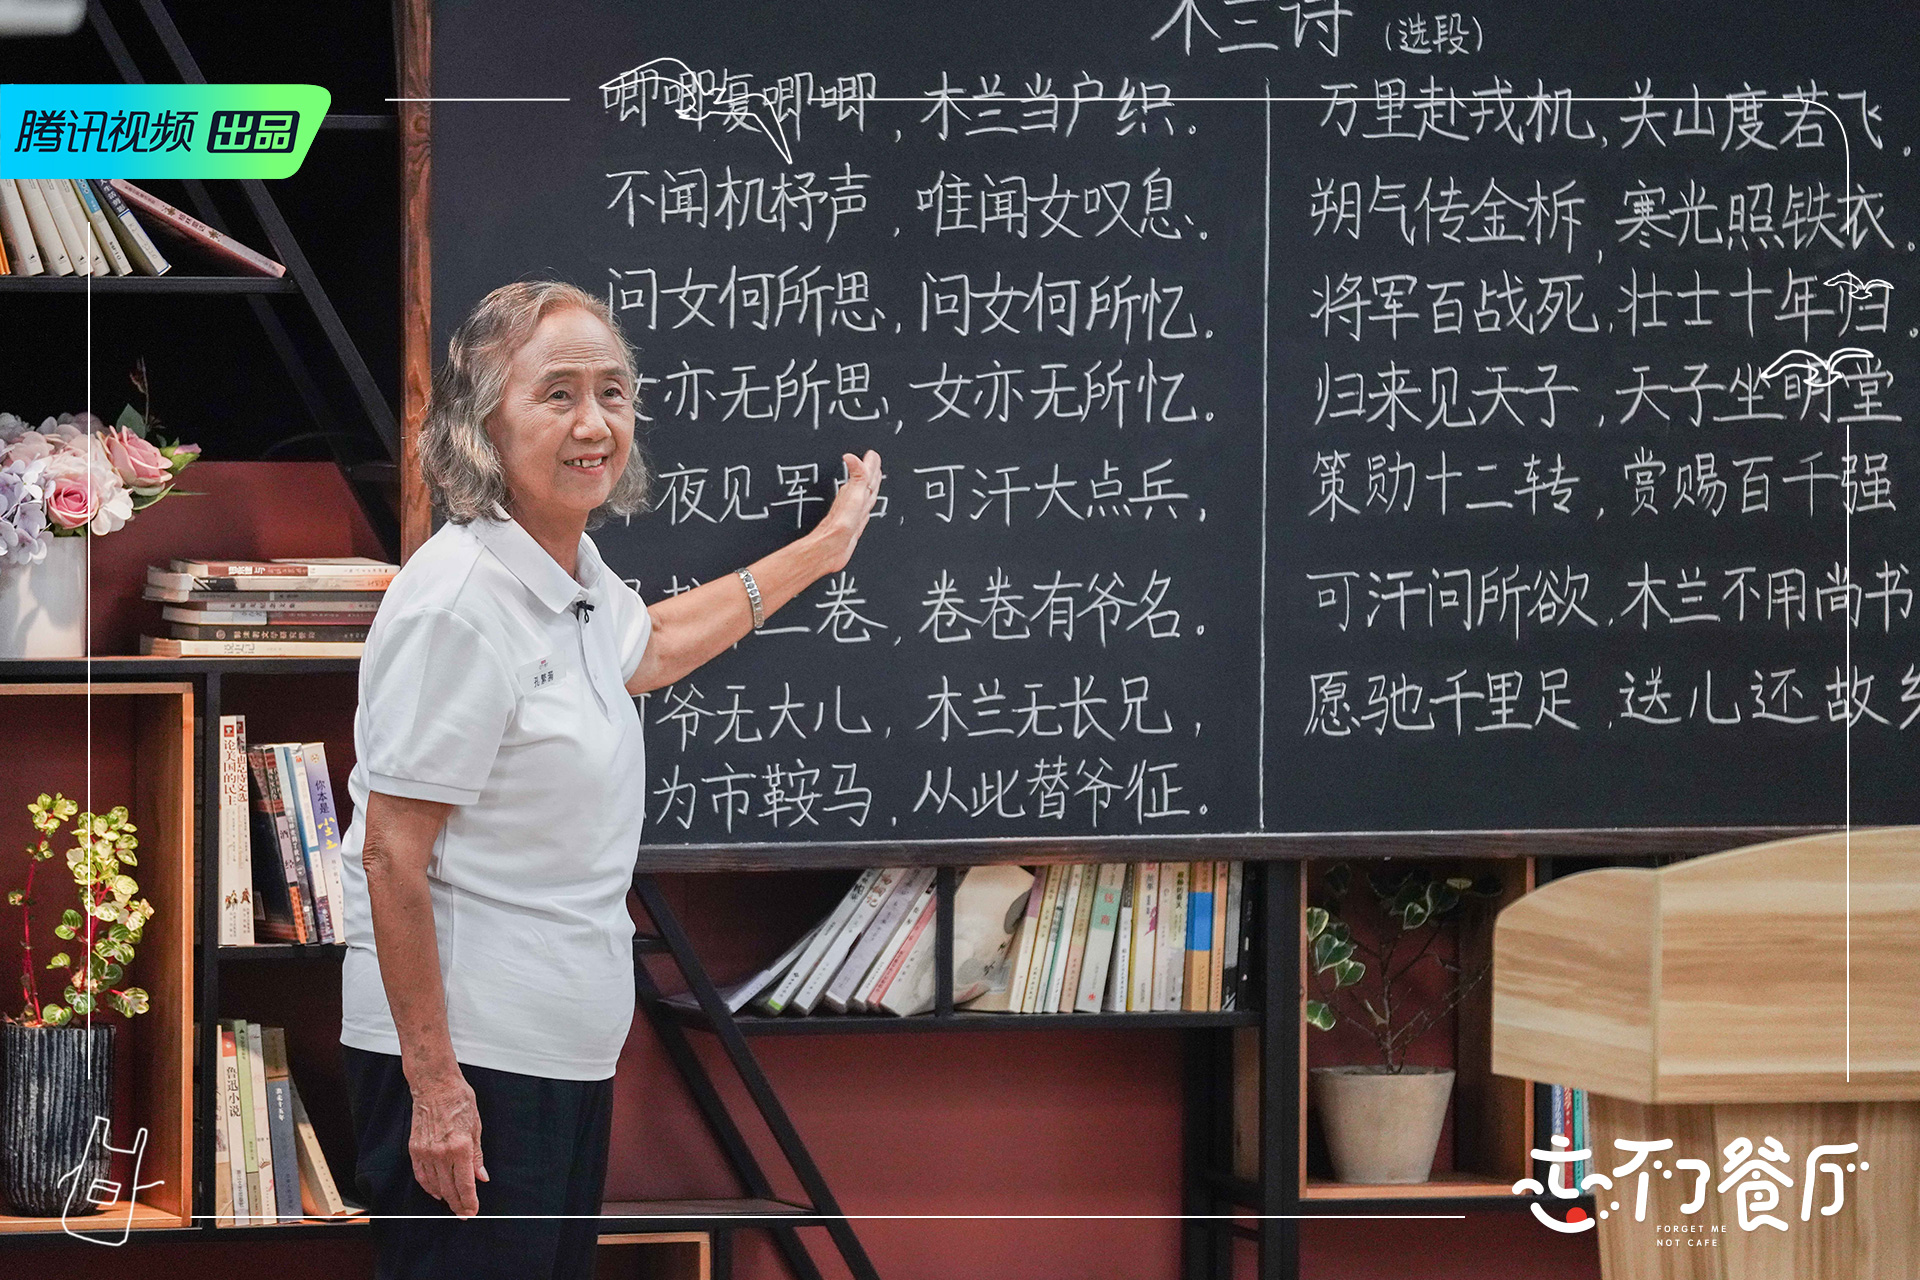 杨迪母子欢乐做客忘不了餐厅,孔奶奶再现课堂颠覆众人认知